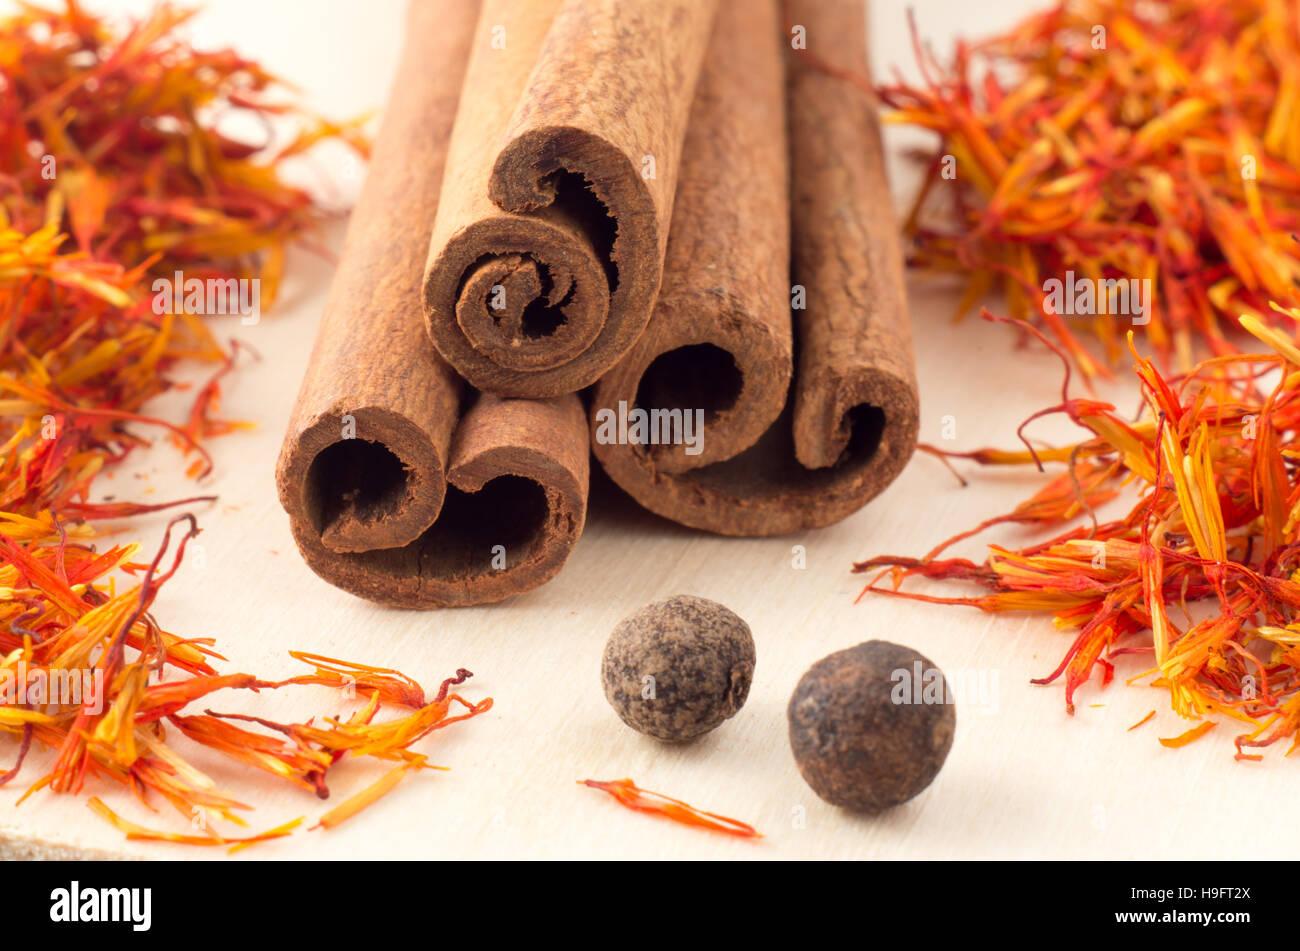 Les bâtons de cannelle, de safran et de piment aromatiques sur plateau en bois jaune close-up avec une faible Photo Stock